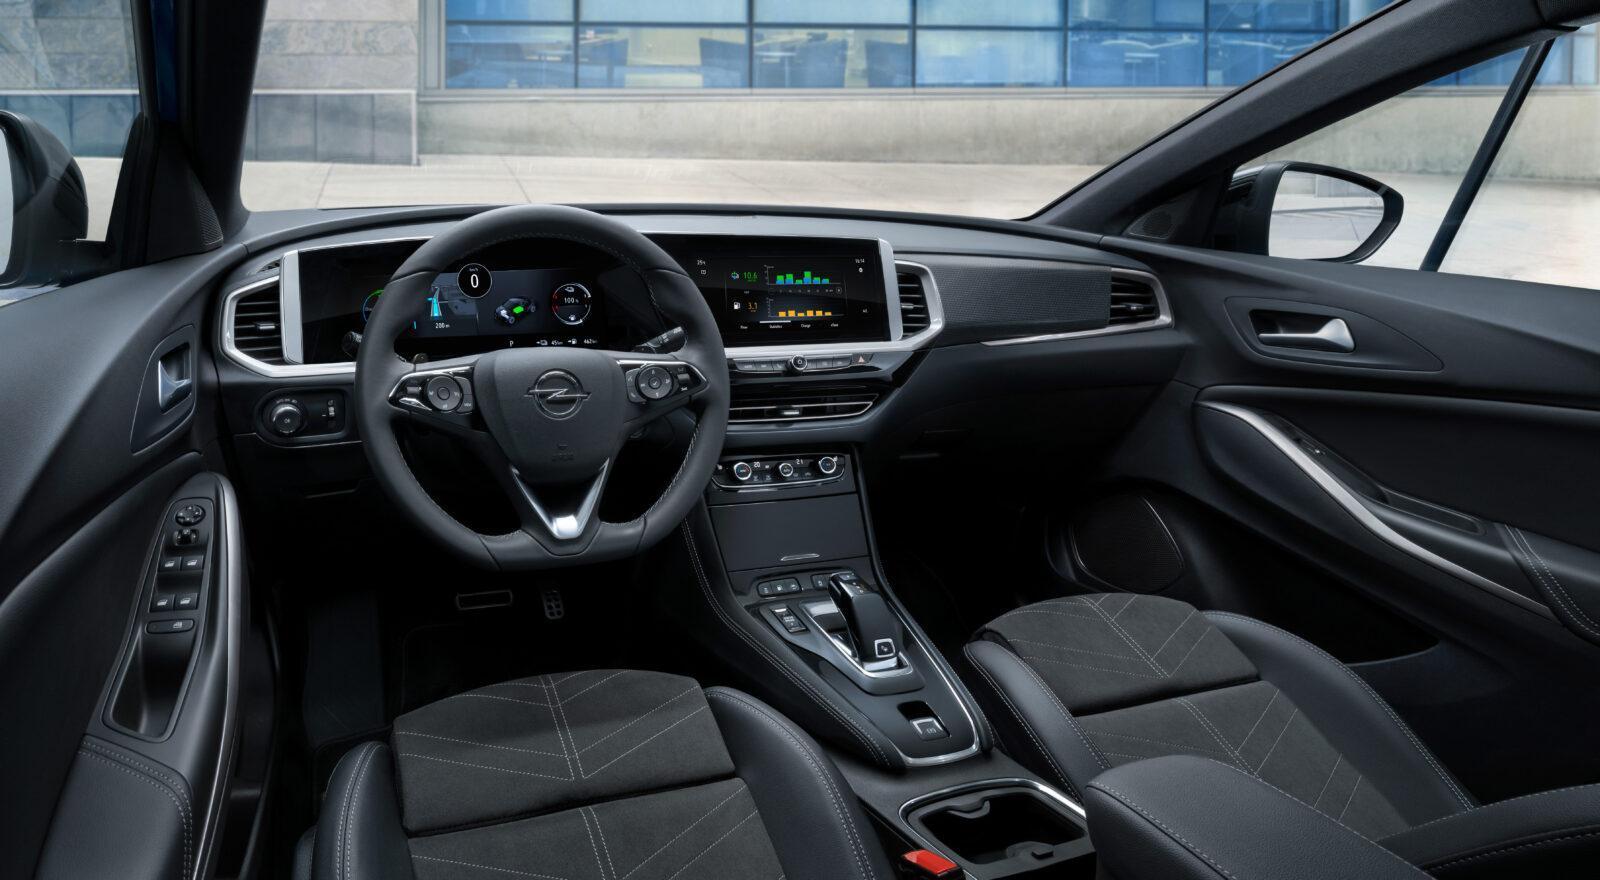 Opel сделала новый электромобиль Grandland - смелый дизайн и передовые технологии (novyj opel grandland 11)